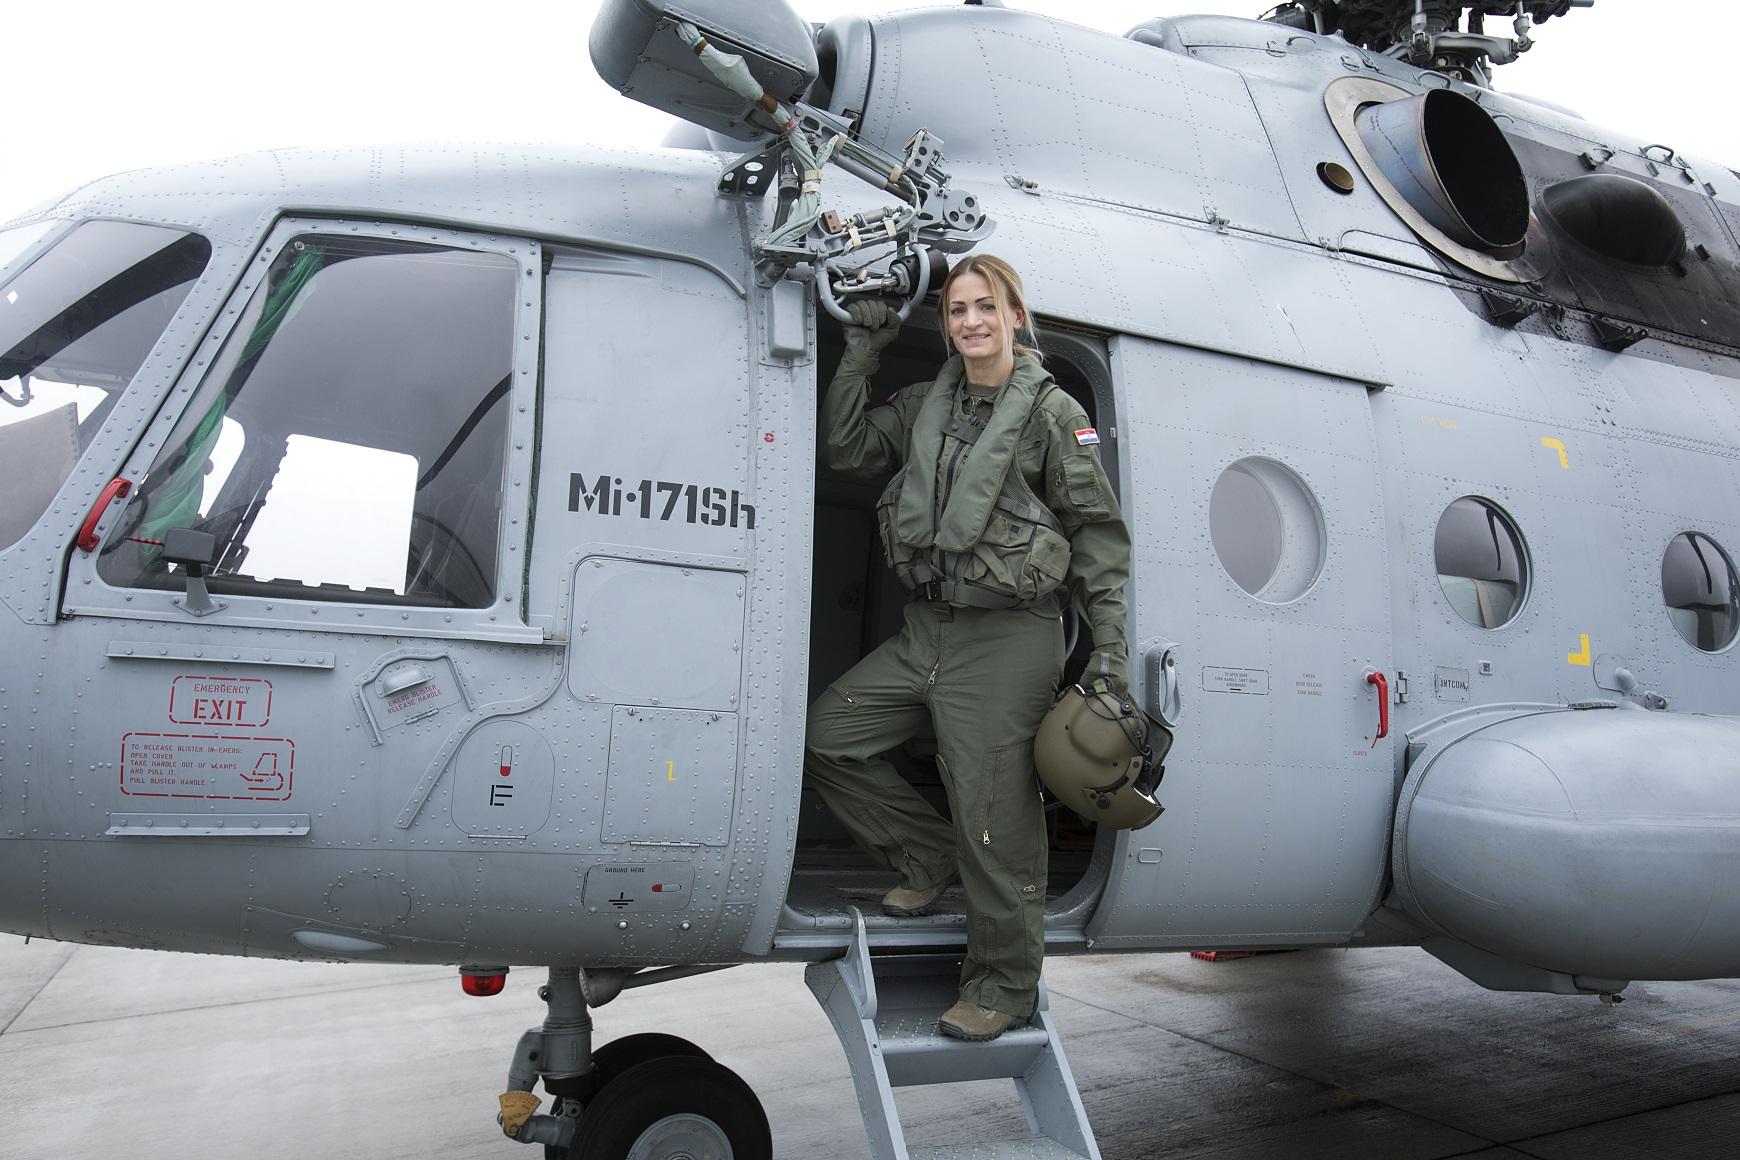 Satnica Antonija ima više od 1400 sati letačkog iskustva te je obučila generacije mladih vojnih pilota.